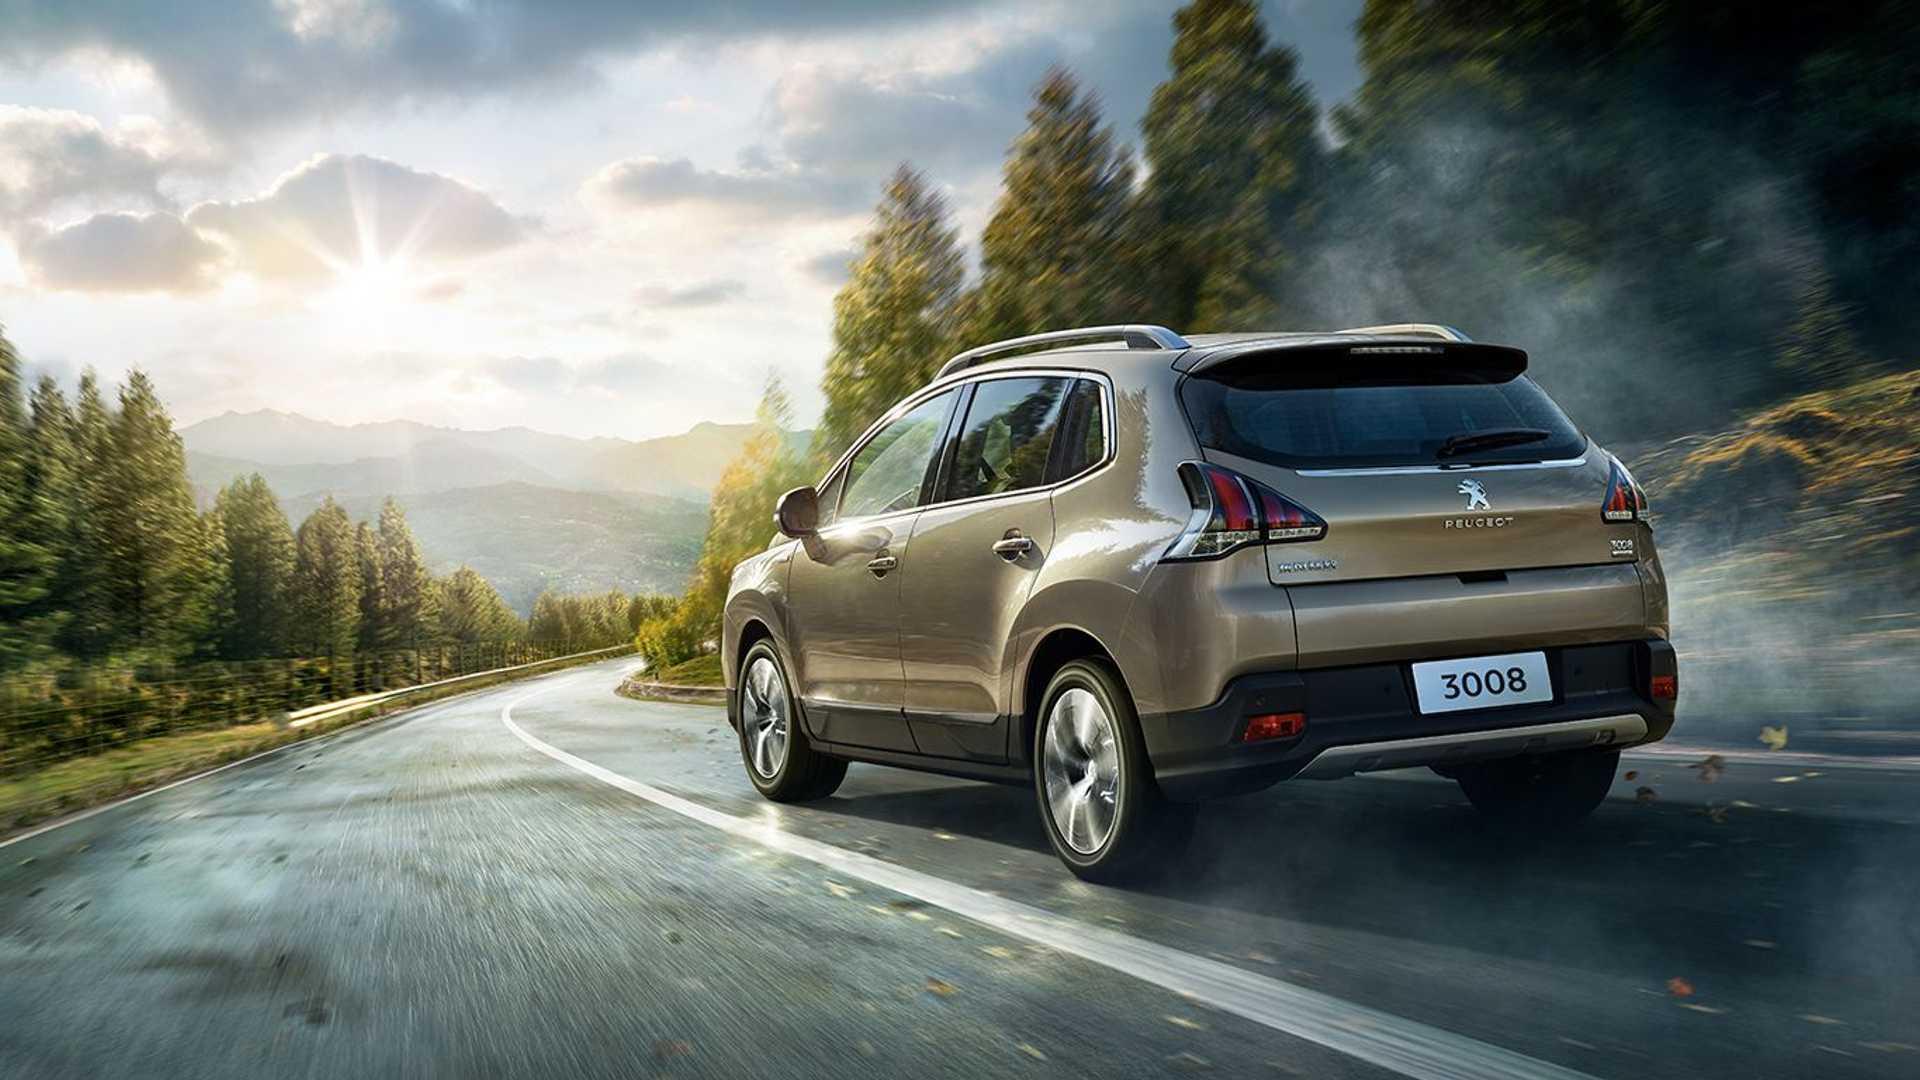 Achèteriez-vous le Peugeot 3008 qui se vend en Chine ?